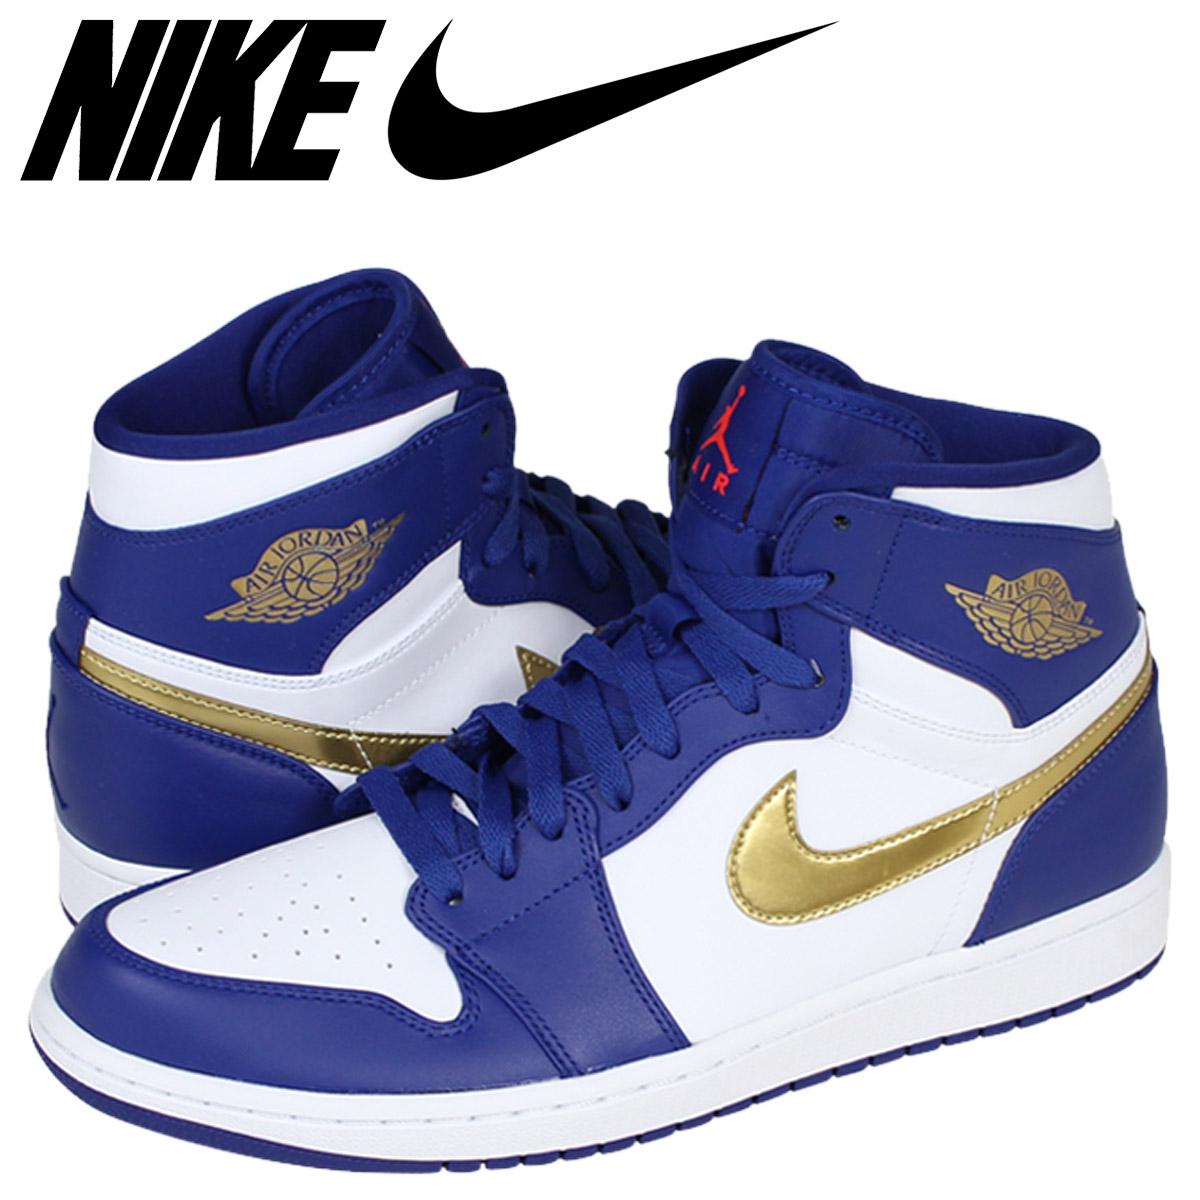 timeless design 66360 0e5e1 NIKE Nike Air Jordan sneakers AIR JORDAN 1 RETRO HIGH OLYMPIC Air Jordan 1  retro Hi Olympic 332550-406 blue mens